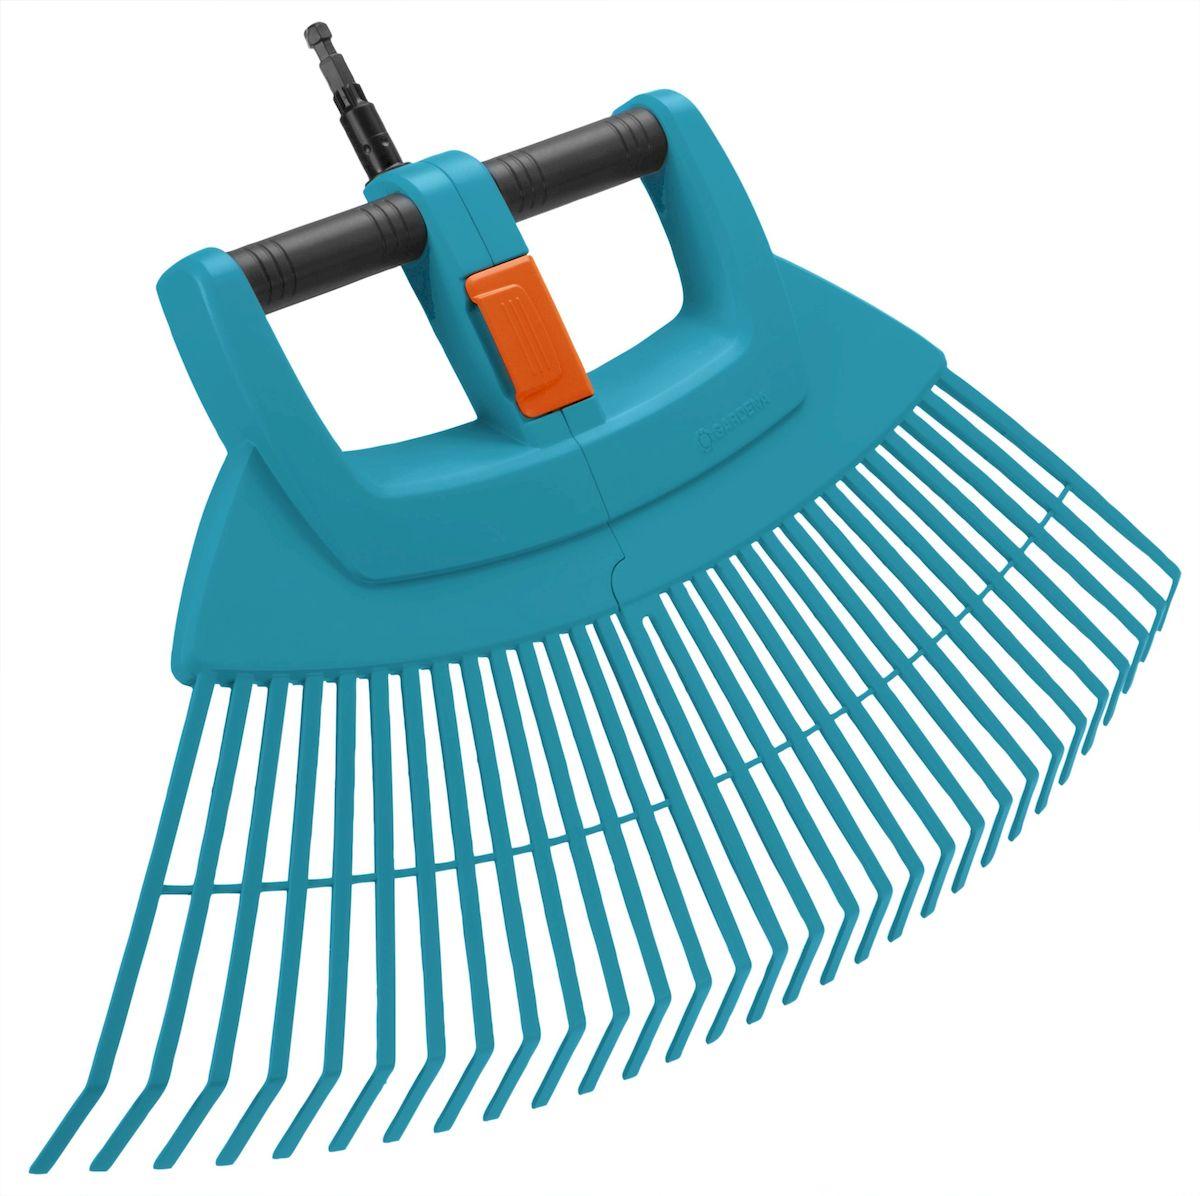 Грабли пластиковые веерные Gardena XXL Vario, складные391602Грабли пластиковые веерные Gardena XXL Vario выполнены из высококачественного пластика и снабжены встроенной алюминиевой трубкой, которая повышает прочность инструмента. Они идеально подходят для быстрого сбора листьев, скошенной травы, разбросанного ветром материала и другого садового мусора на больших участках. Этот простой в эксплуатации и эффективный инструмент можно разделить на две части в целях удобного сбора материала. Грабли пластиковые веерные XXL Vario могут складываться для экономии места. Грабли могут использоваться с любой ручкой, однако рекомендуется использовать ручку длиной 130 см или 150 см, в зависимости от роста пользователя. Рабочая ширина: 77 см.